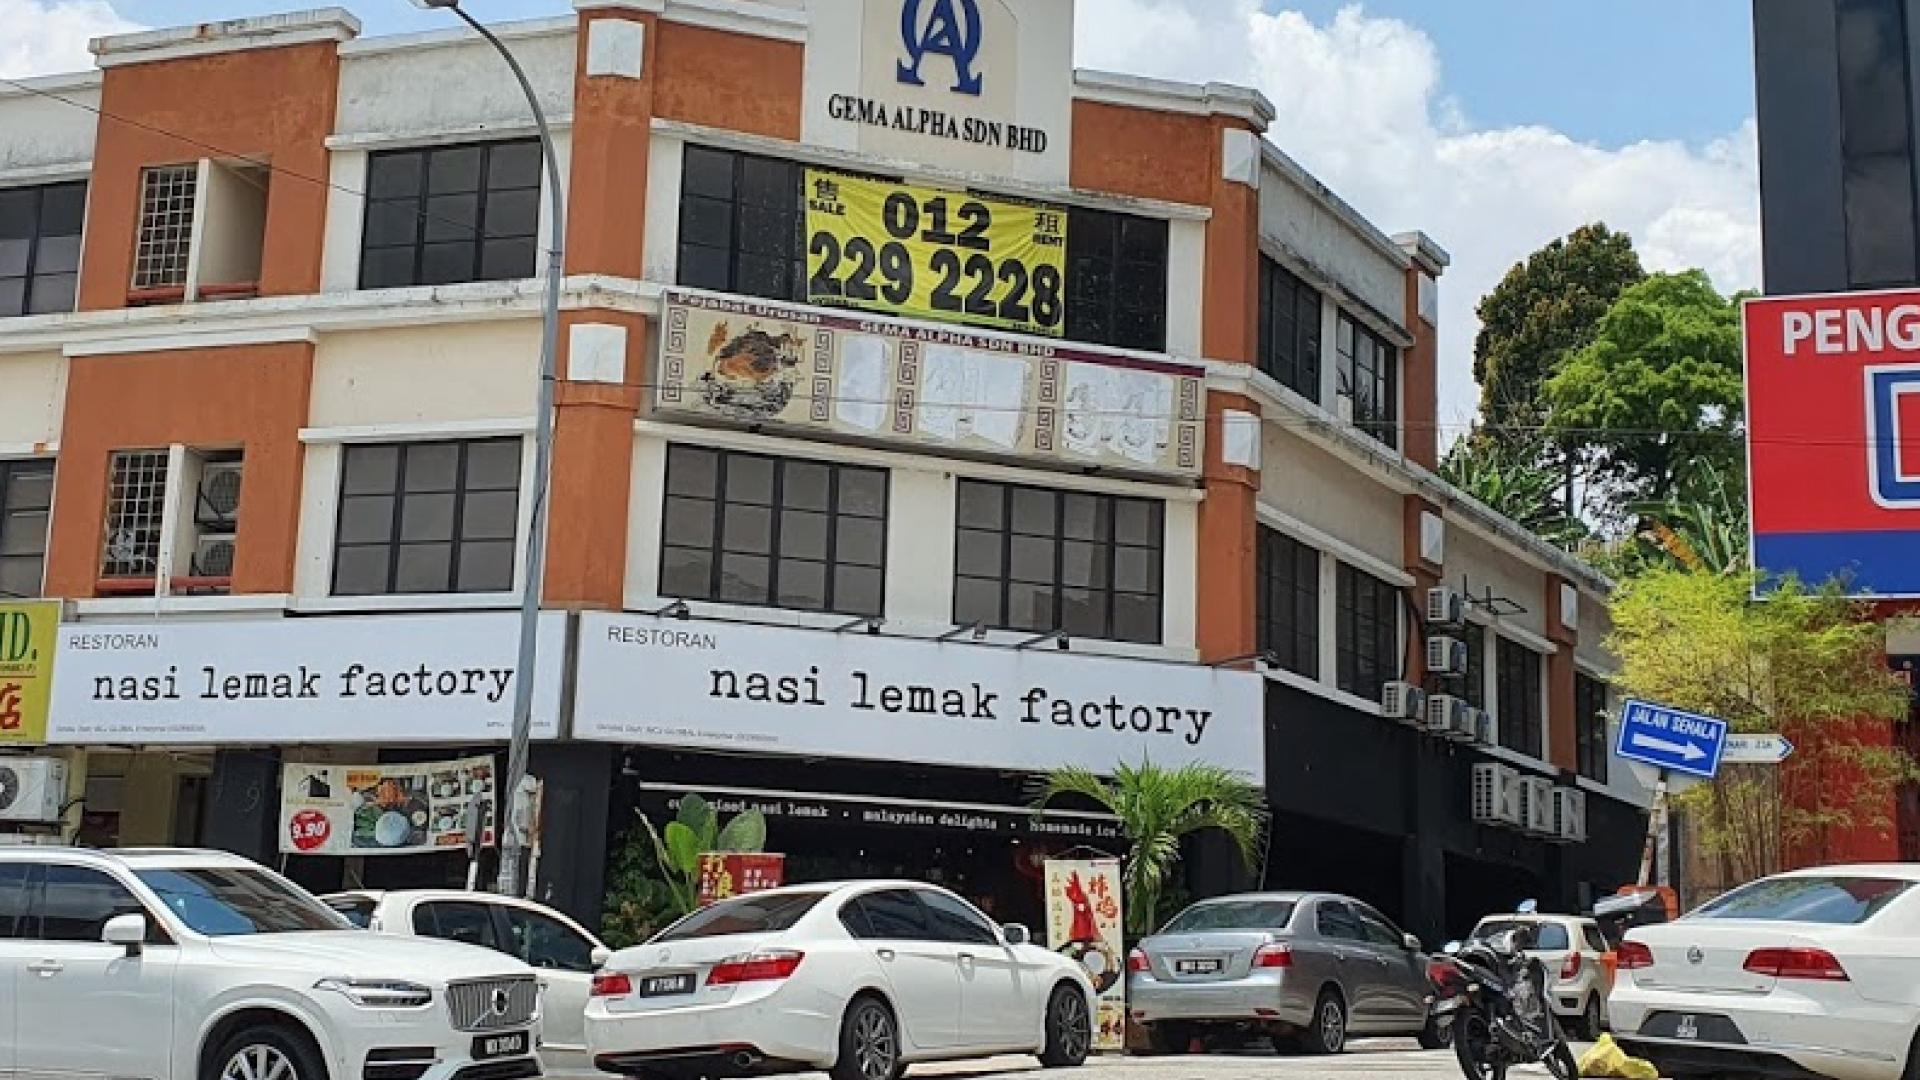 Nasi Lemak Factory